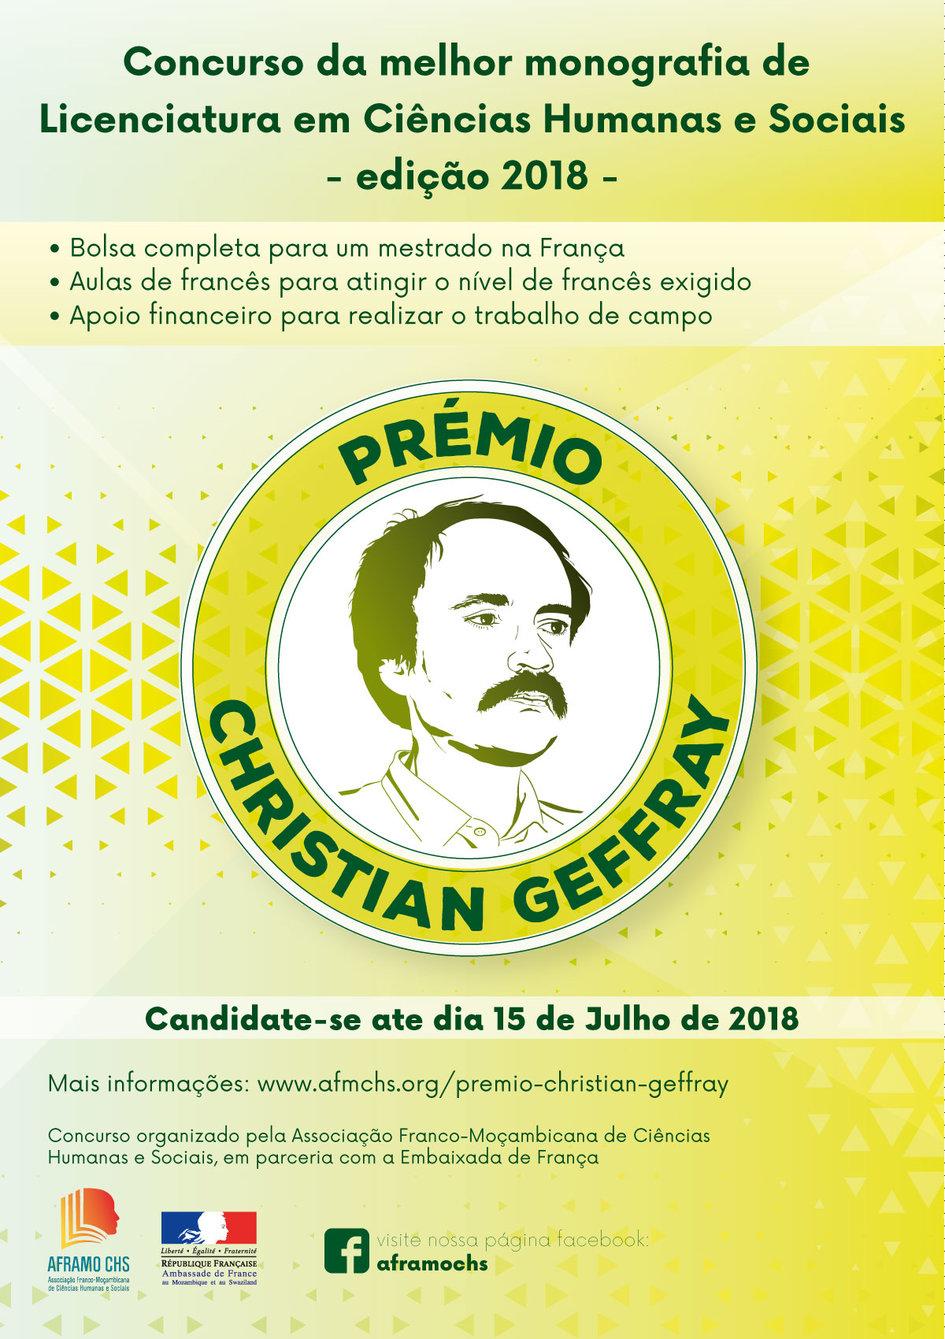 Lançamento da Terceira Edição (2018) do concurso...